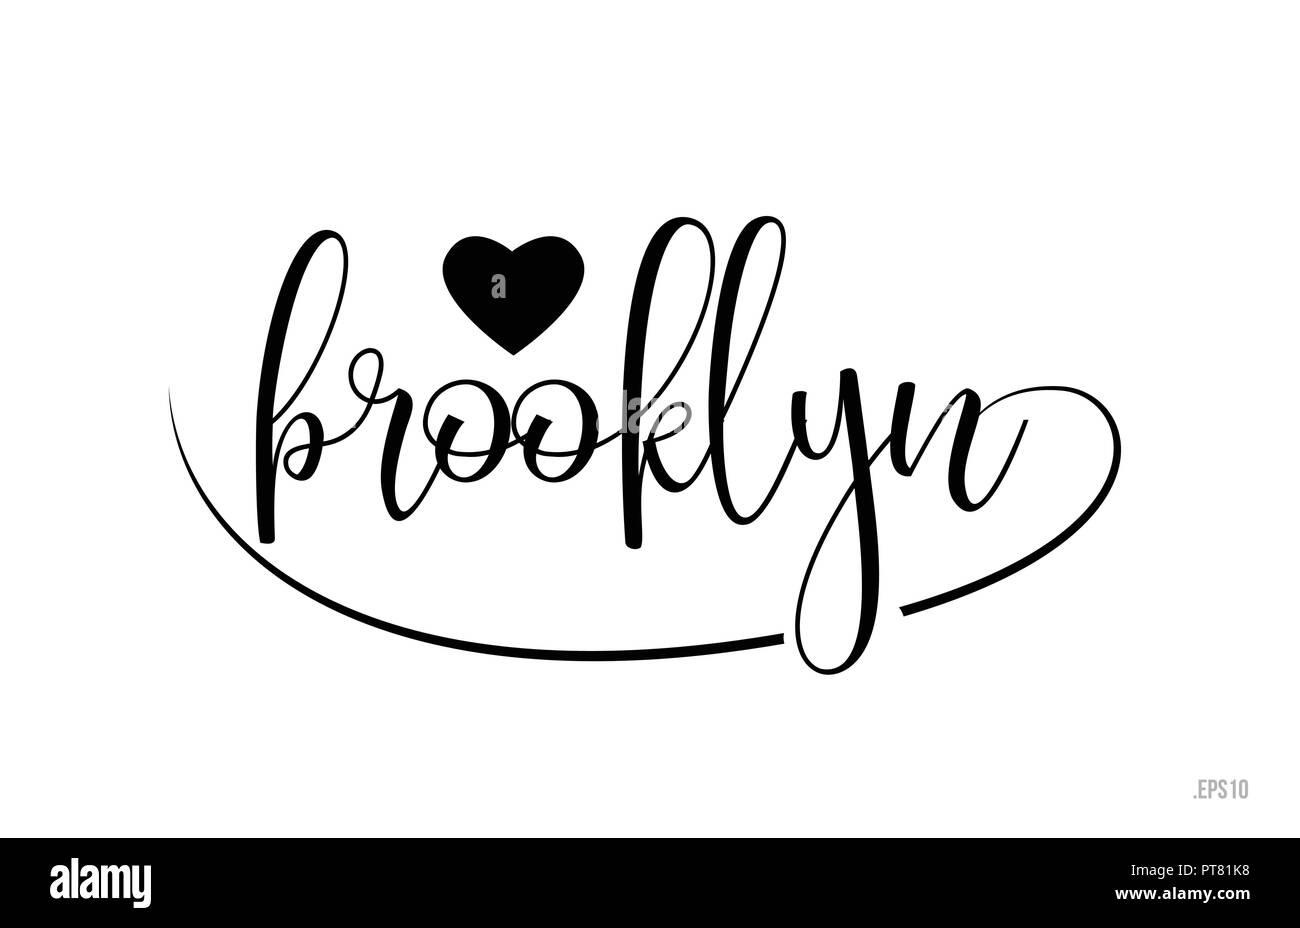 Mot De Brooklyn Avec Texte Noir Et Blanc Coeur Damour Pour Carte Visite Brochure Ou Typographie Logo Design